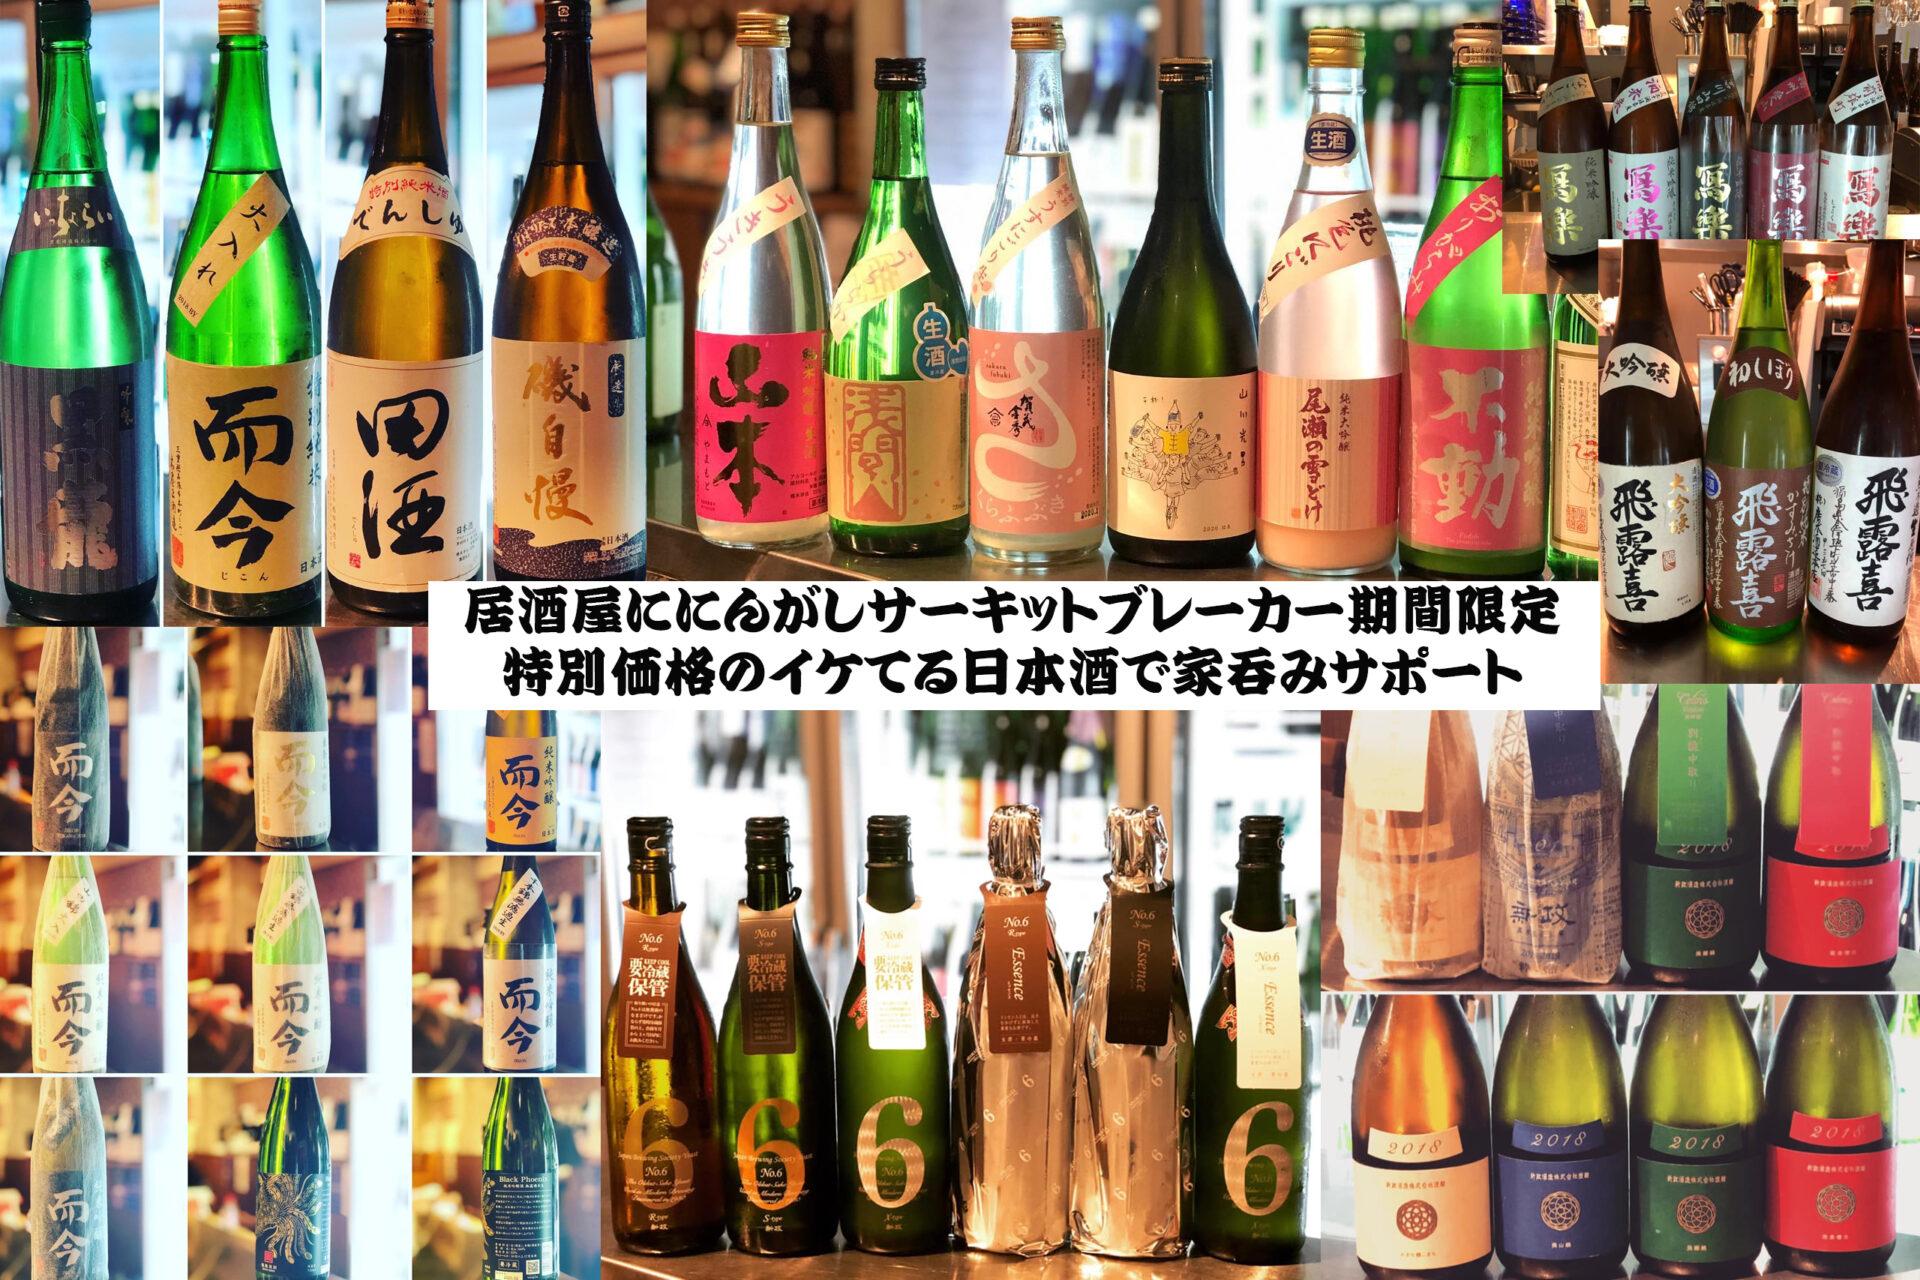 【期間限定スペシャル価格】特別な日本酒で家飲みを応援〜居酒屋ににんがし〜